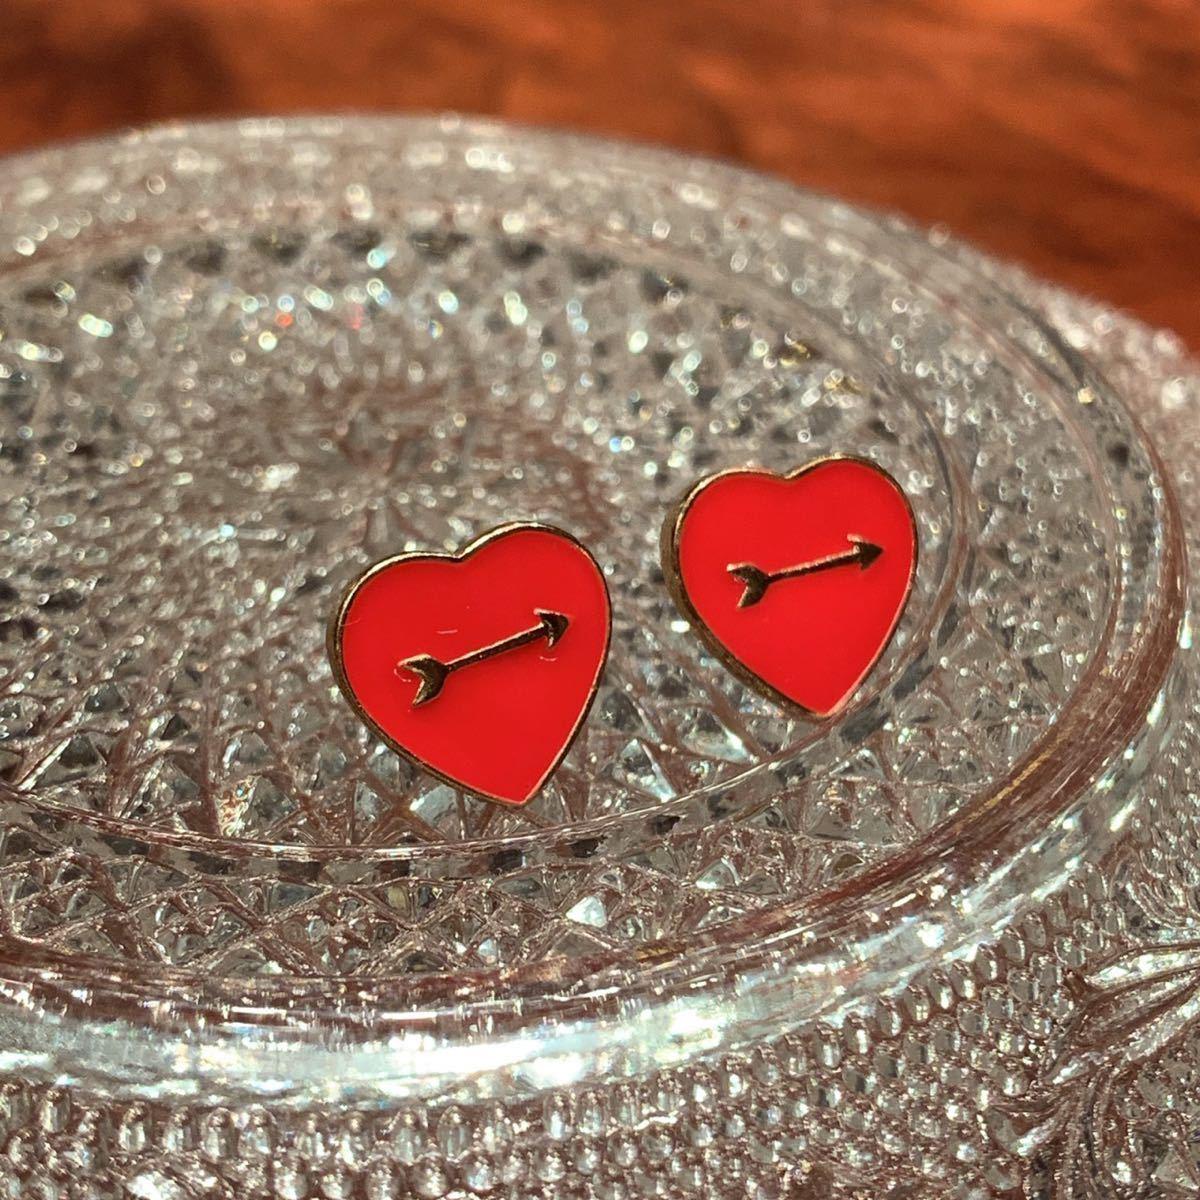 〈新品未使用〉ピアス 赤いハートモチーフ 弓矢 真鍮 ハンドメイド アクセサリー_画像1